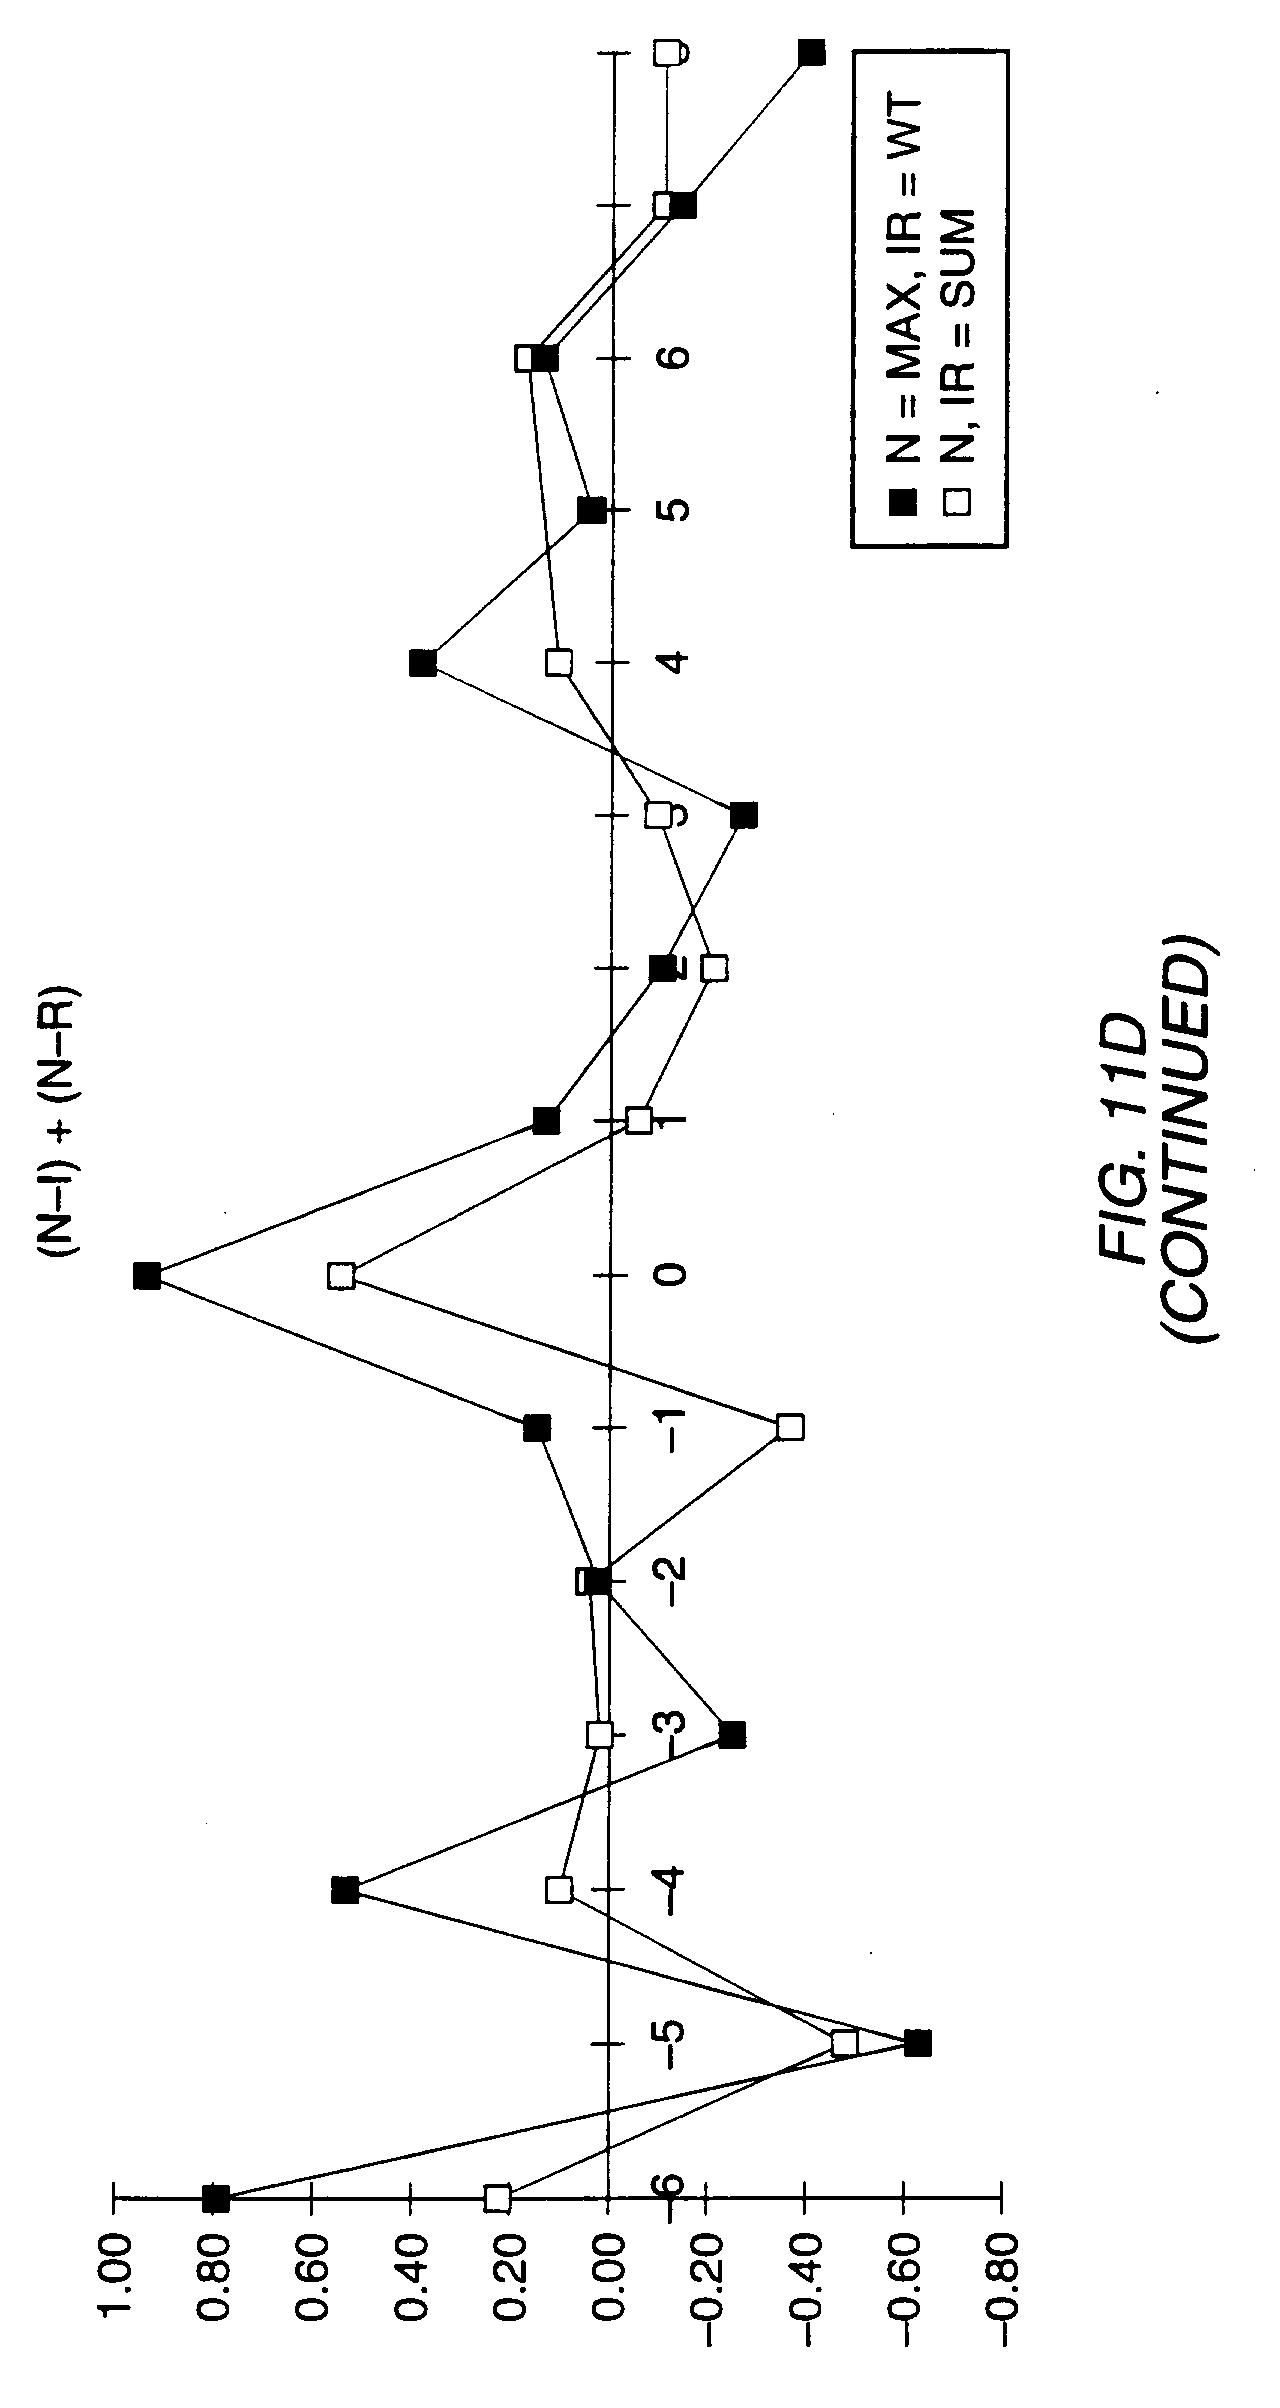 专利ep0717113a2 - computer-aided